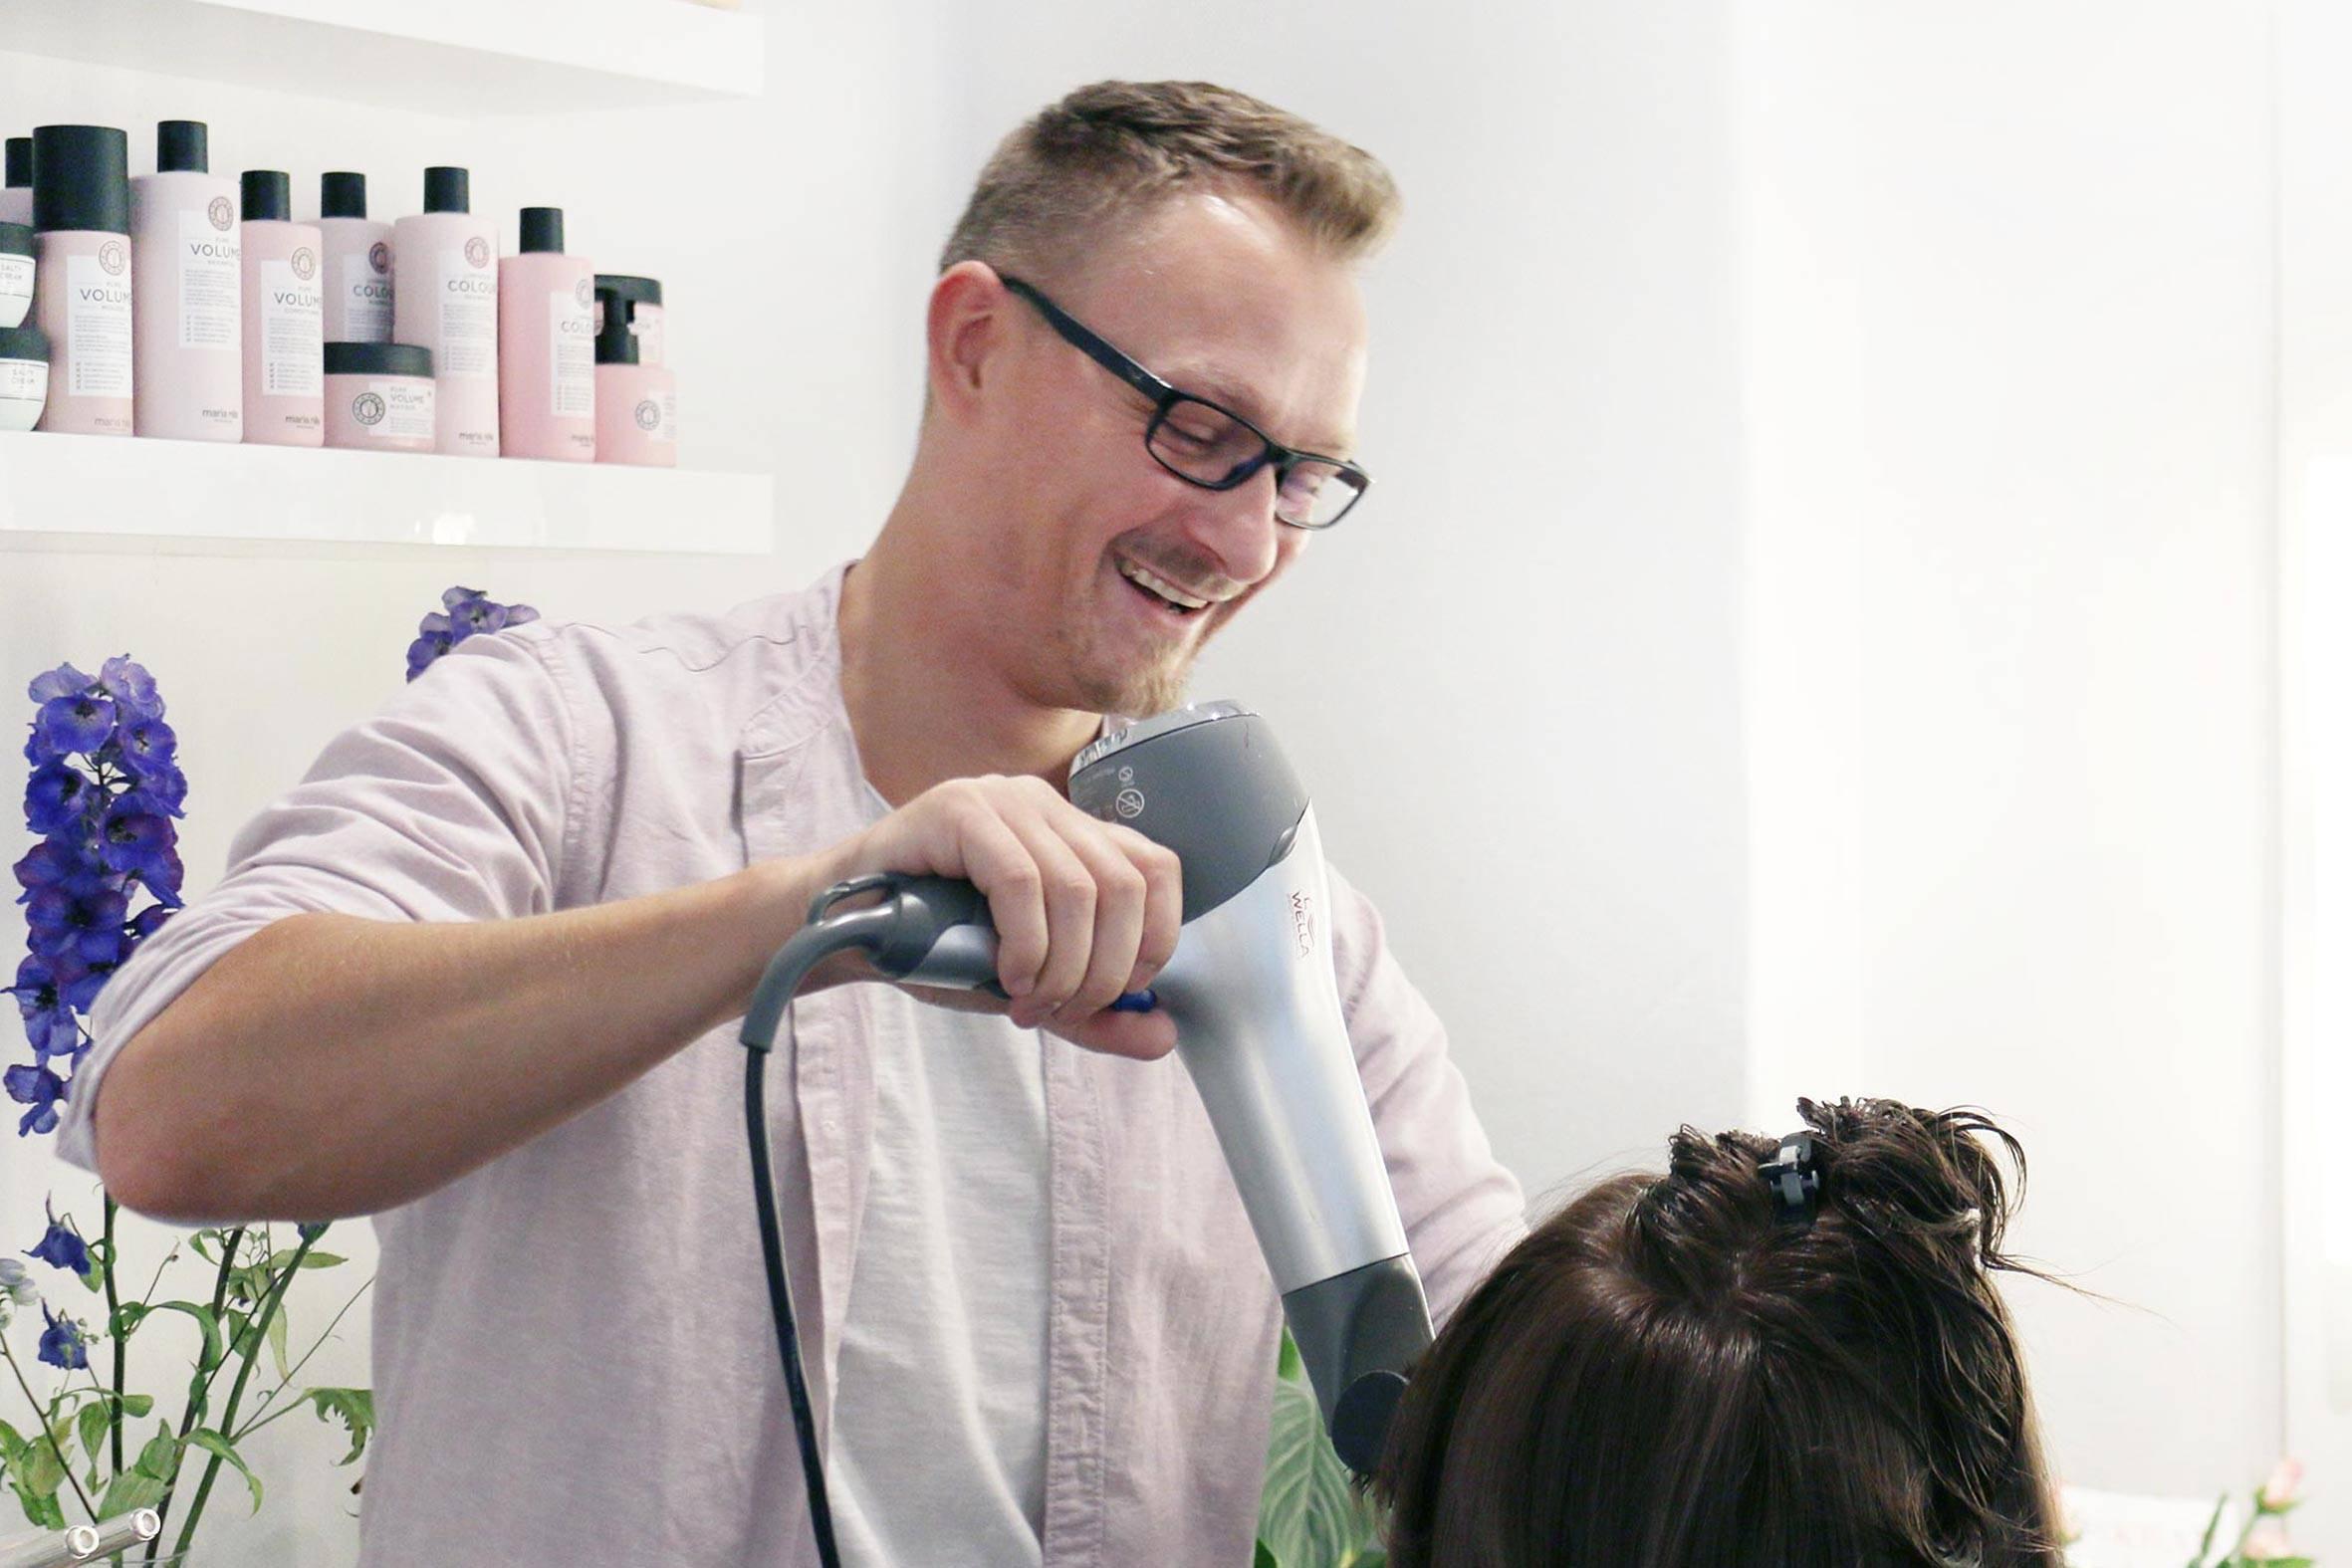 Friseurmeister Romano Klemd von PÜPPIKRAM föhnt einer Kundin die Haare